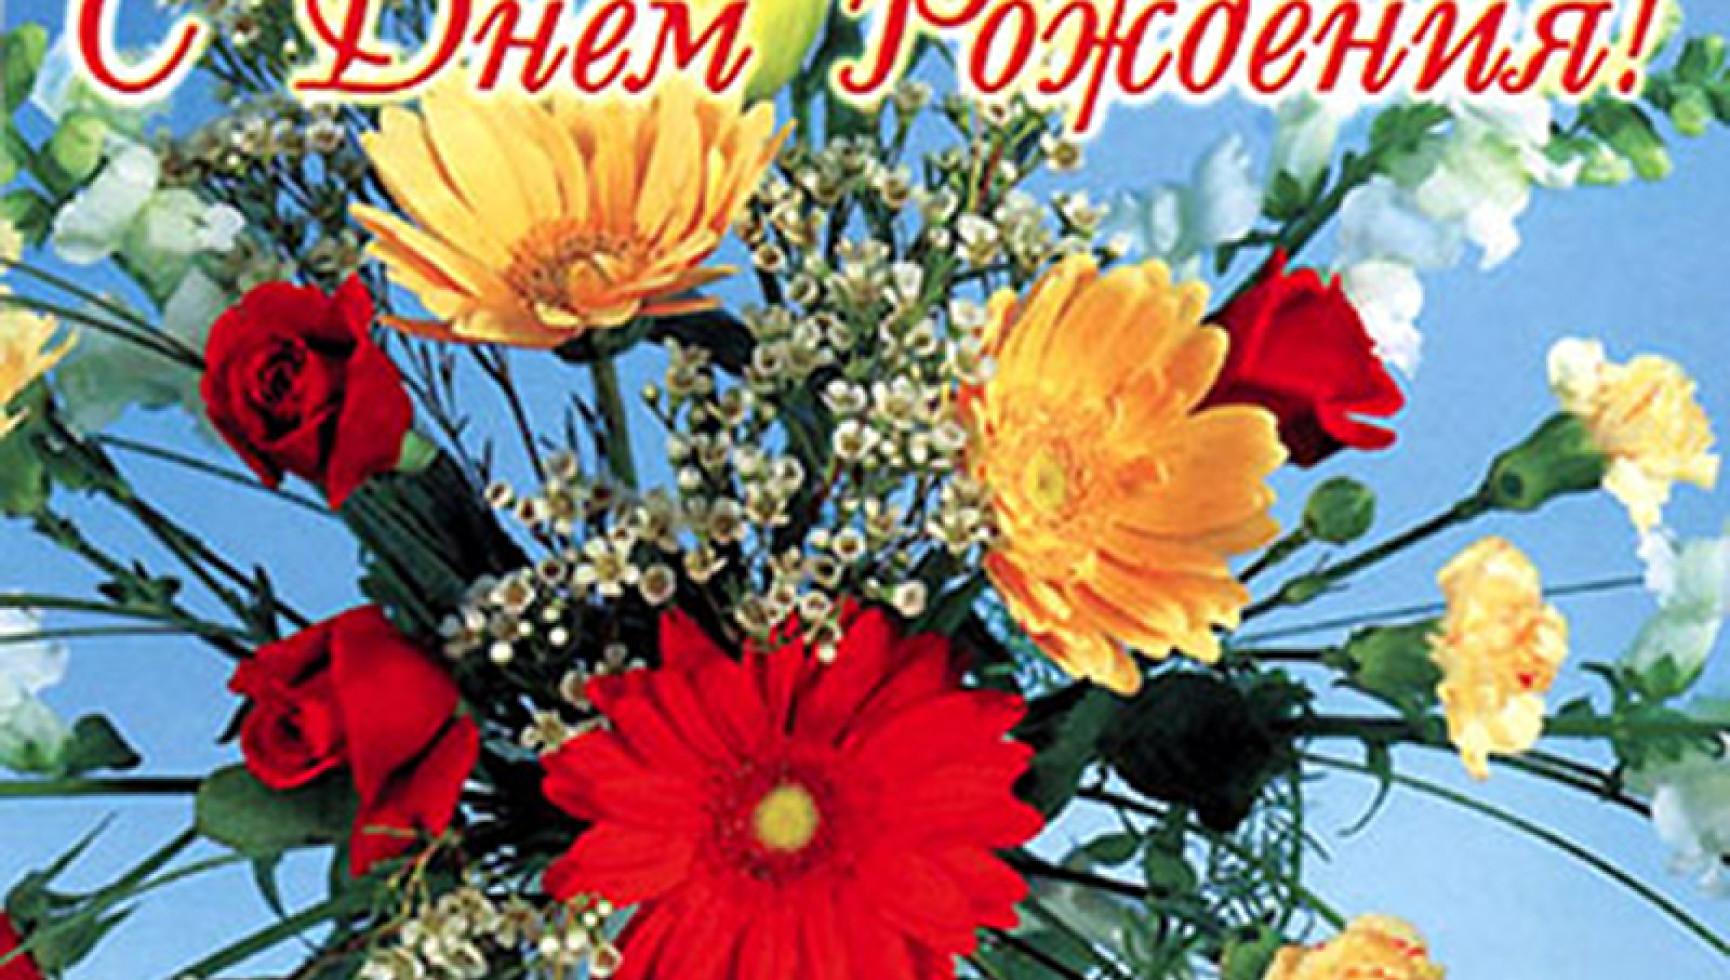 Поздравляем с Днем рождения главу муниципального образования Плавский район Возгрина Михаила Вячеславовича